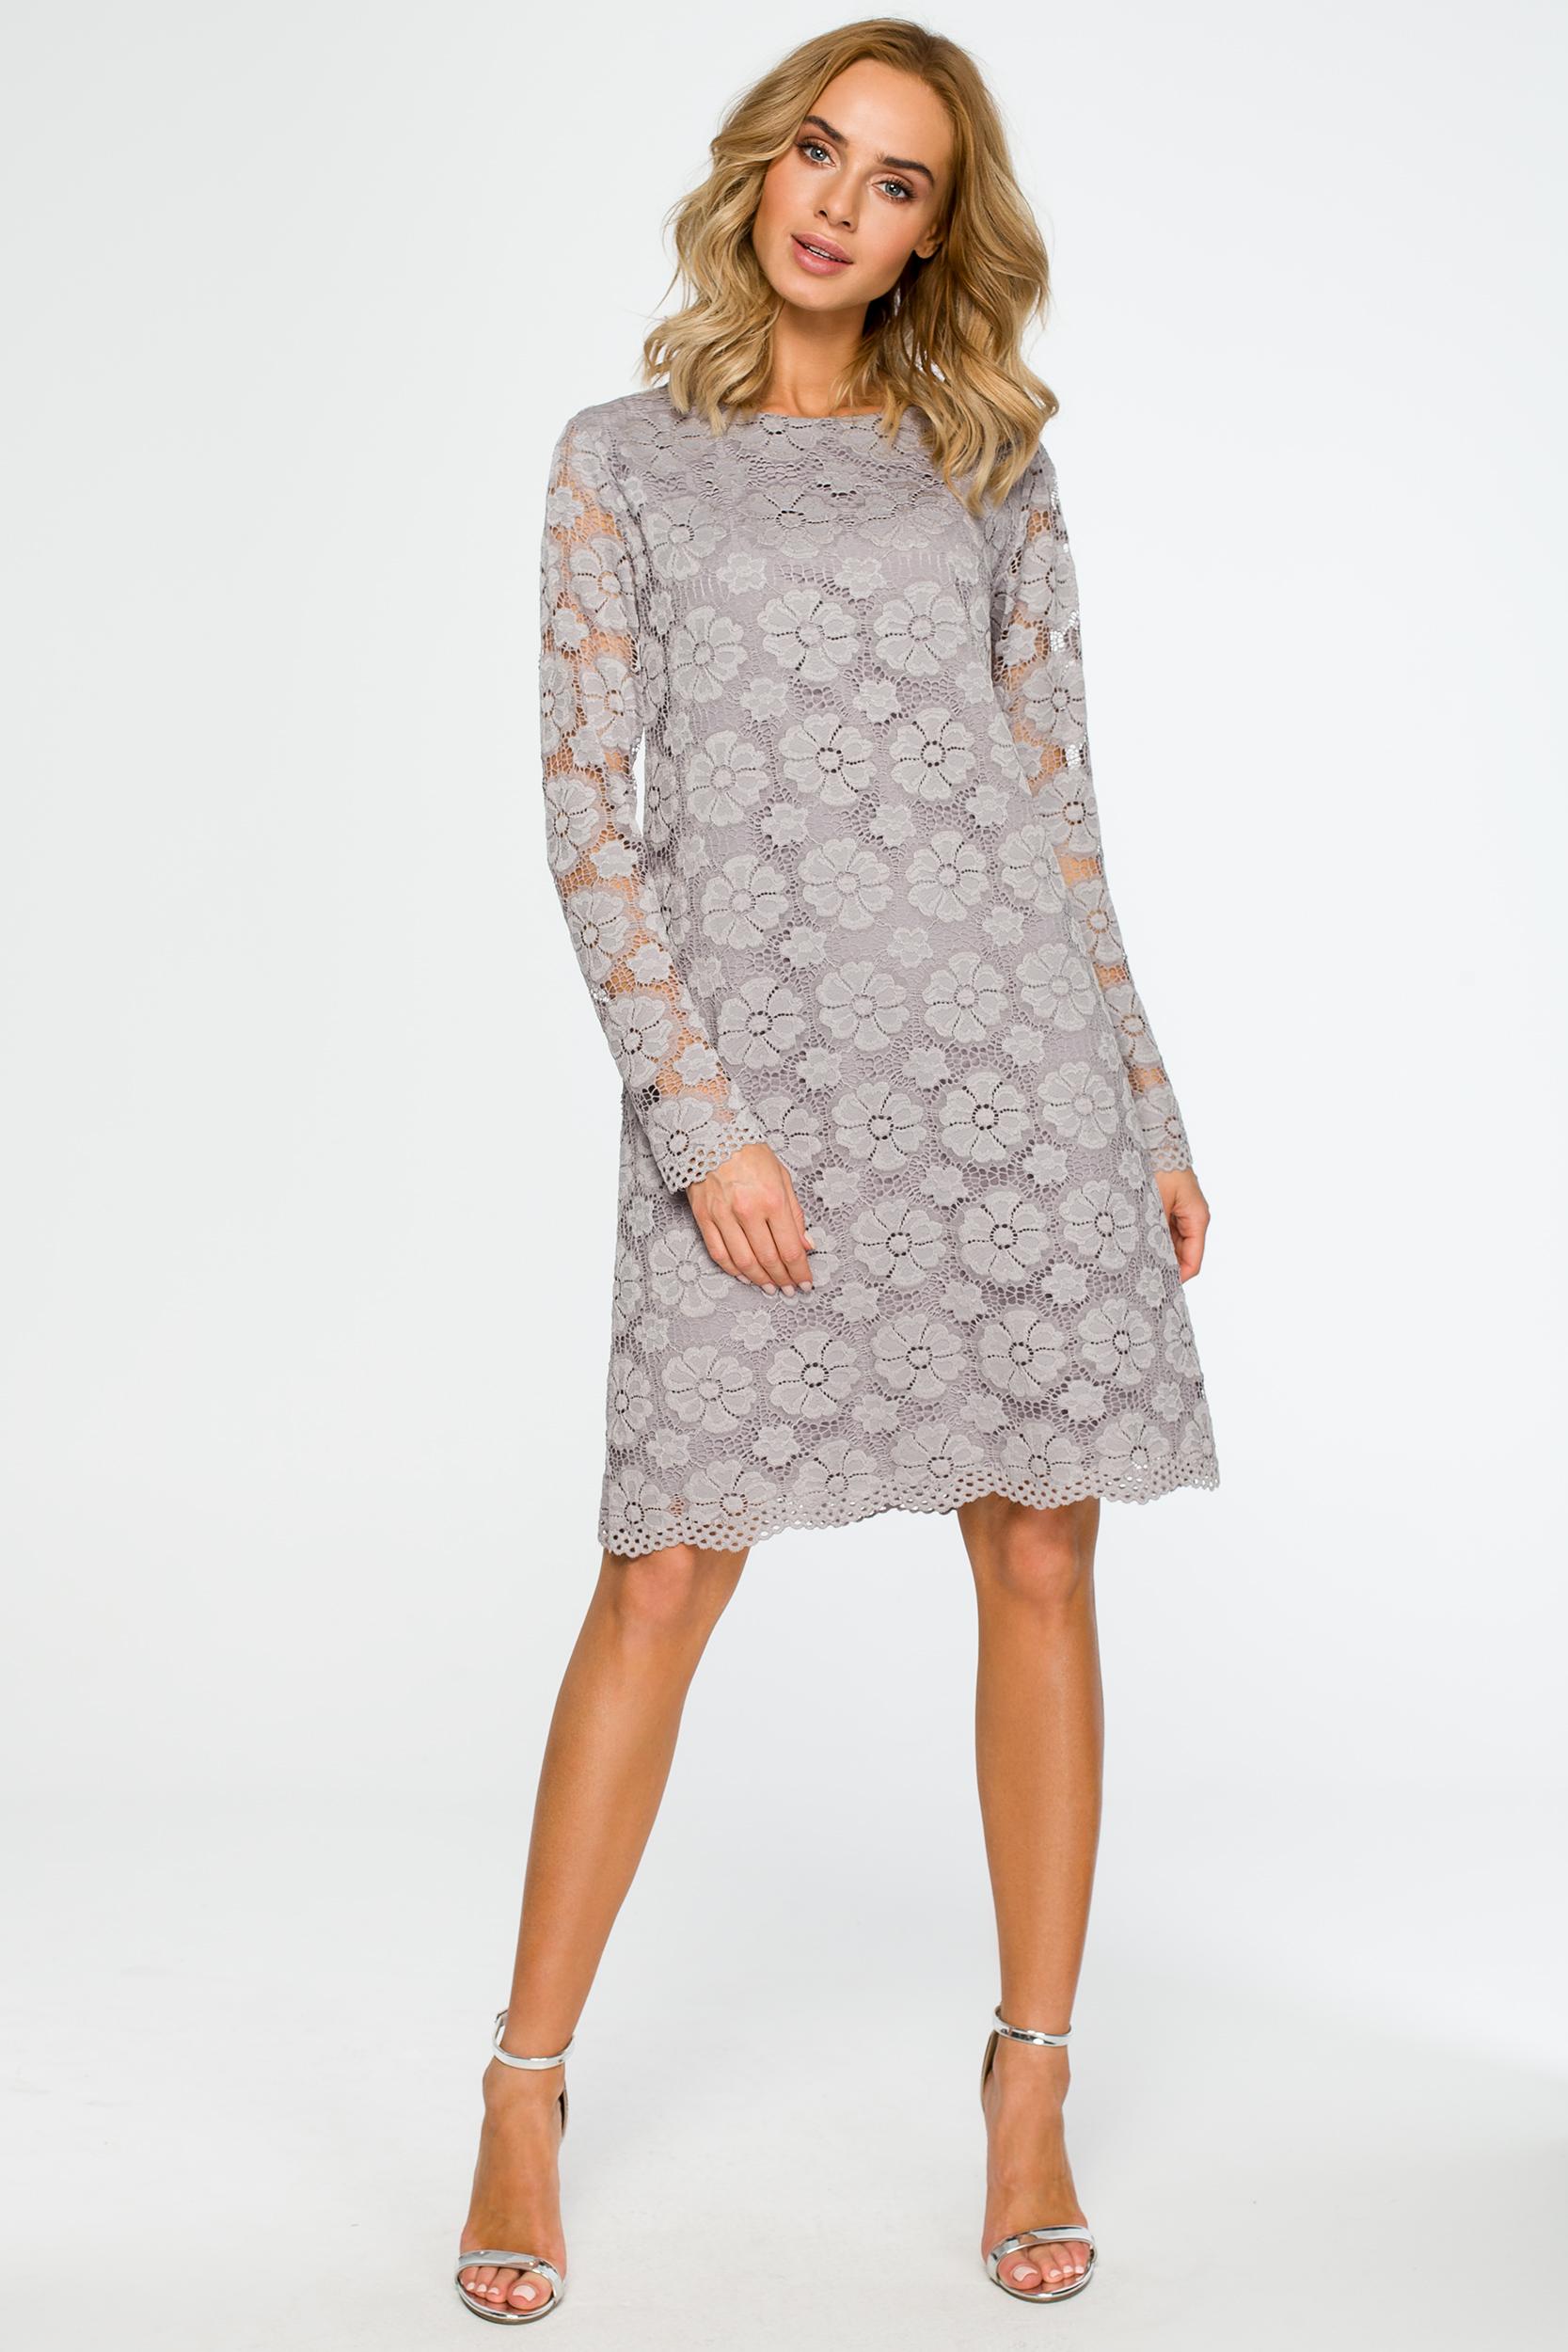 7c59842c69 Trapezowa sukienka z koronki przed kolano szara - wysyłka już od 5